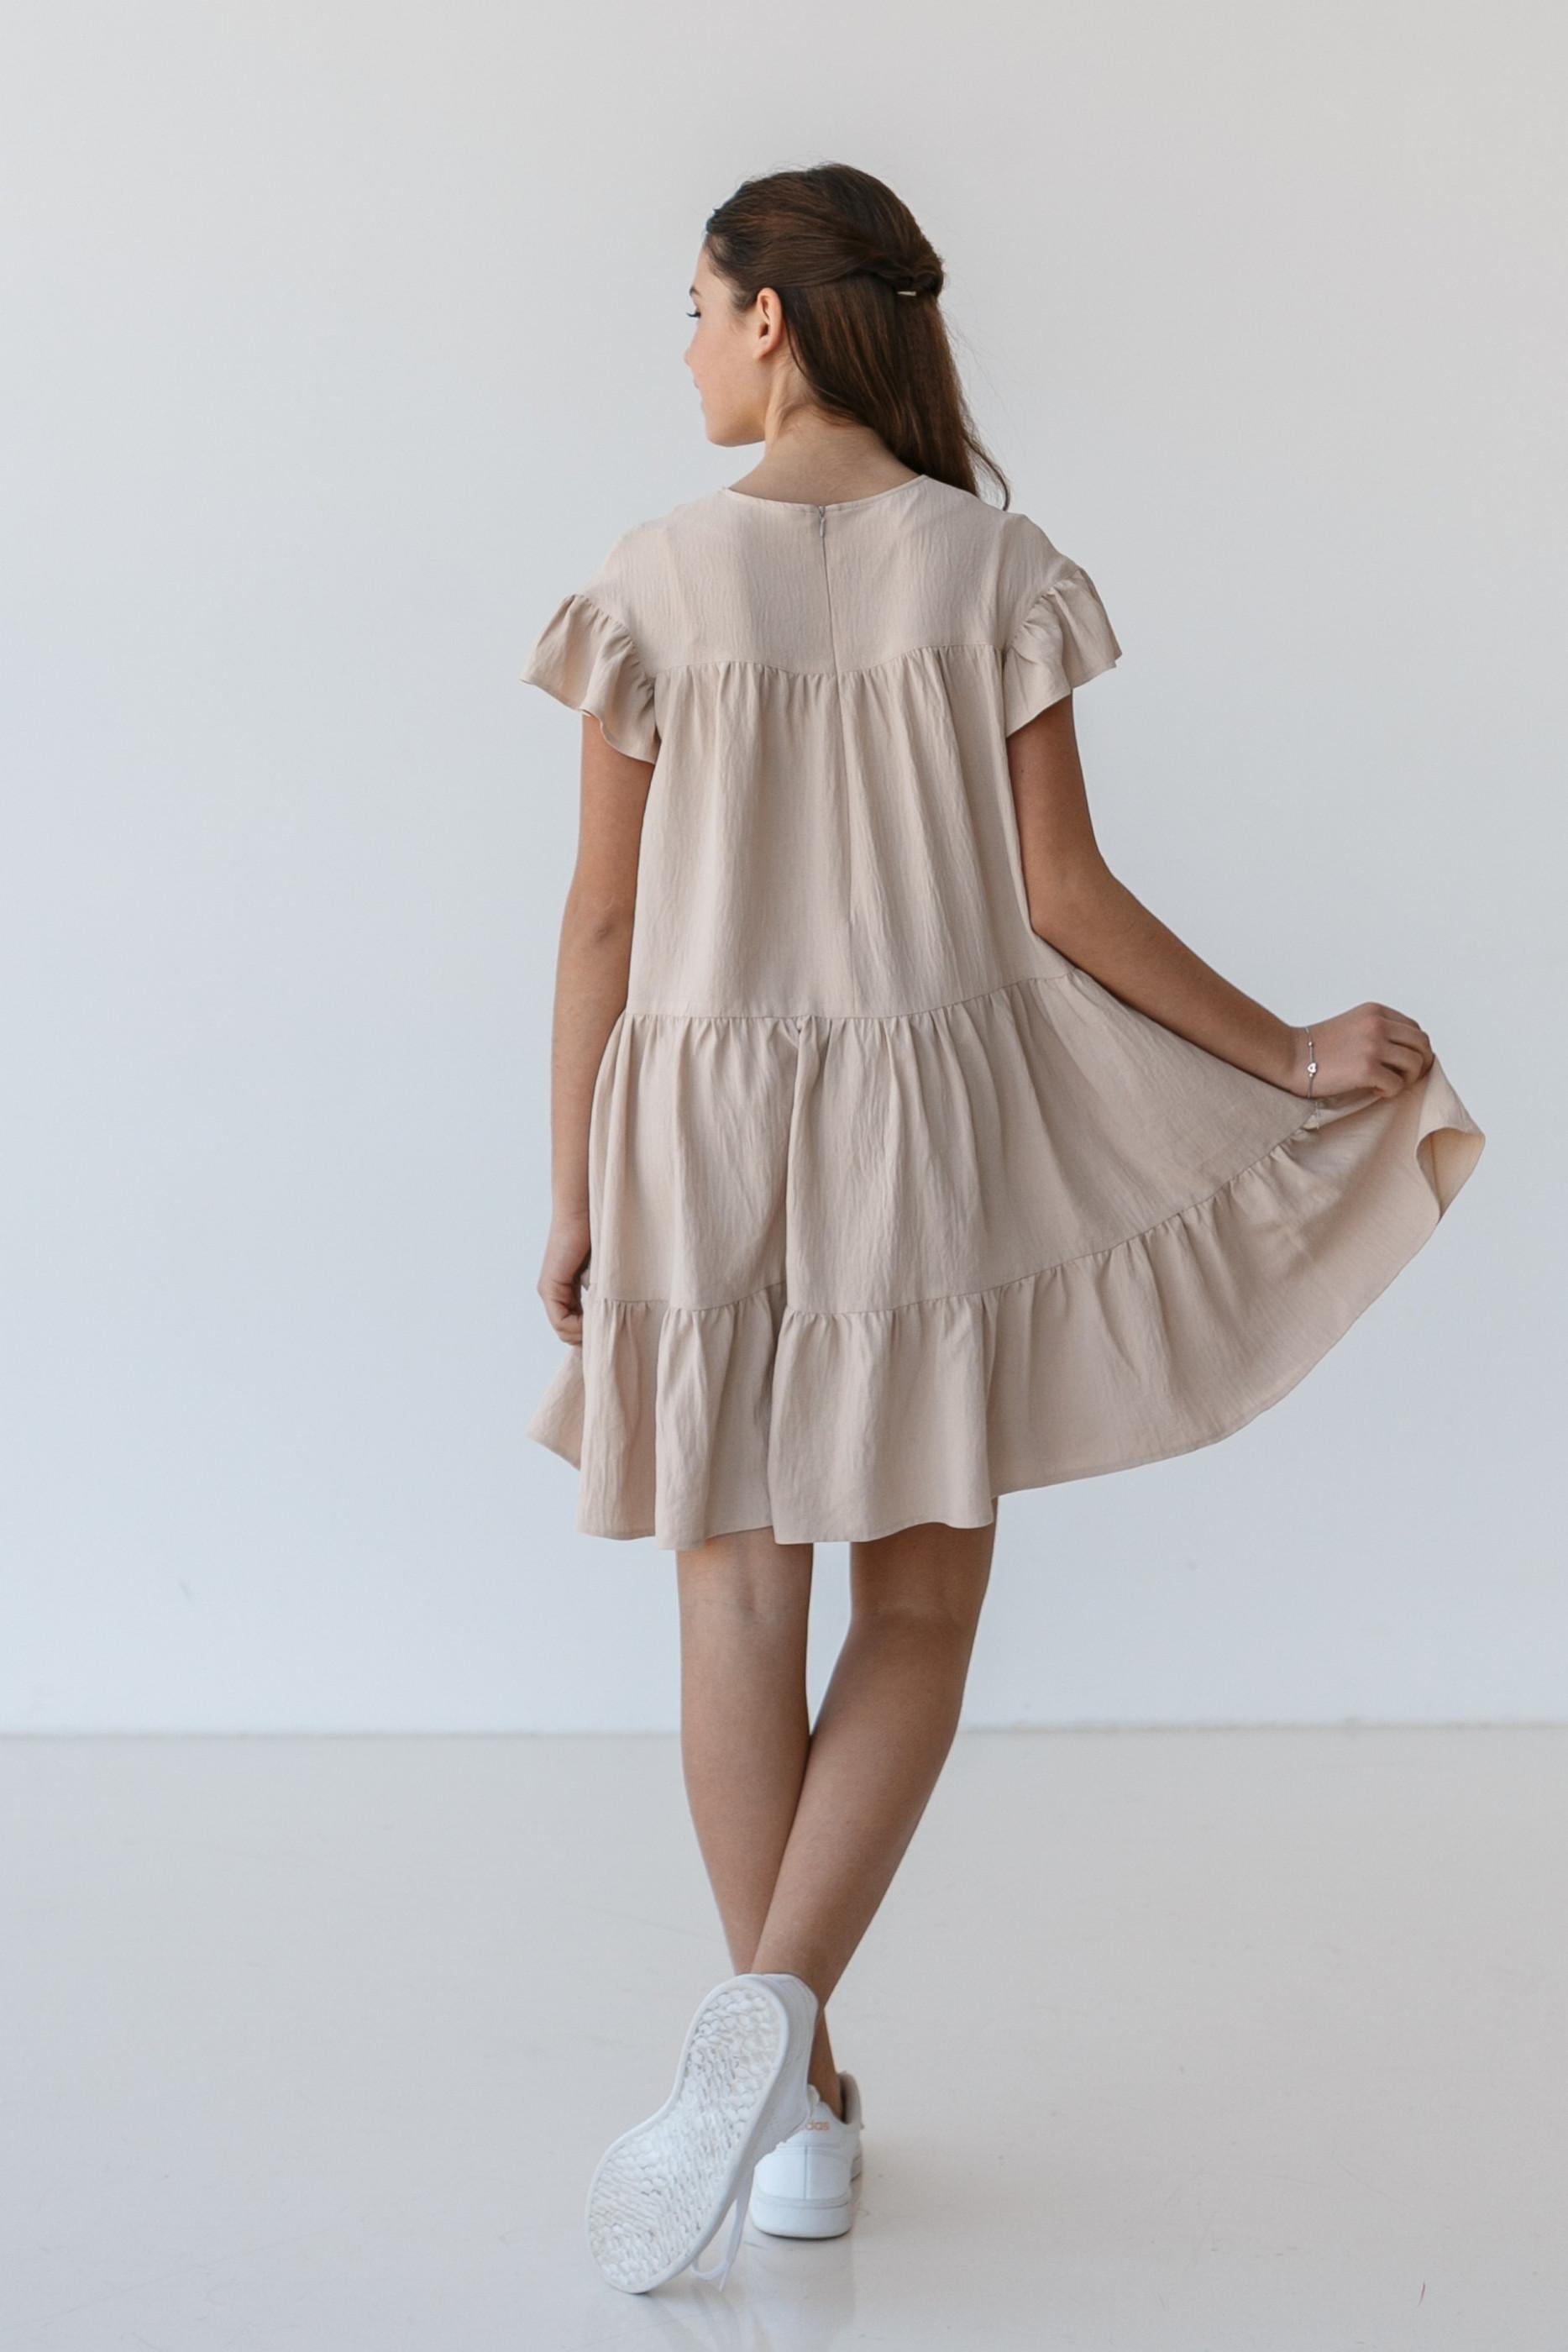 Плаття Емілія, фото №4